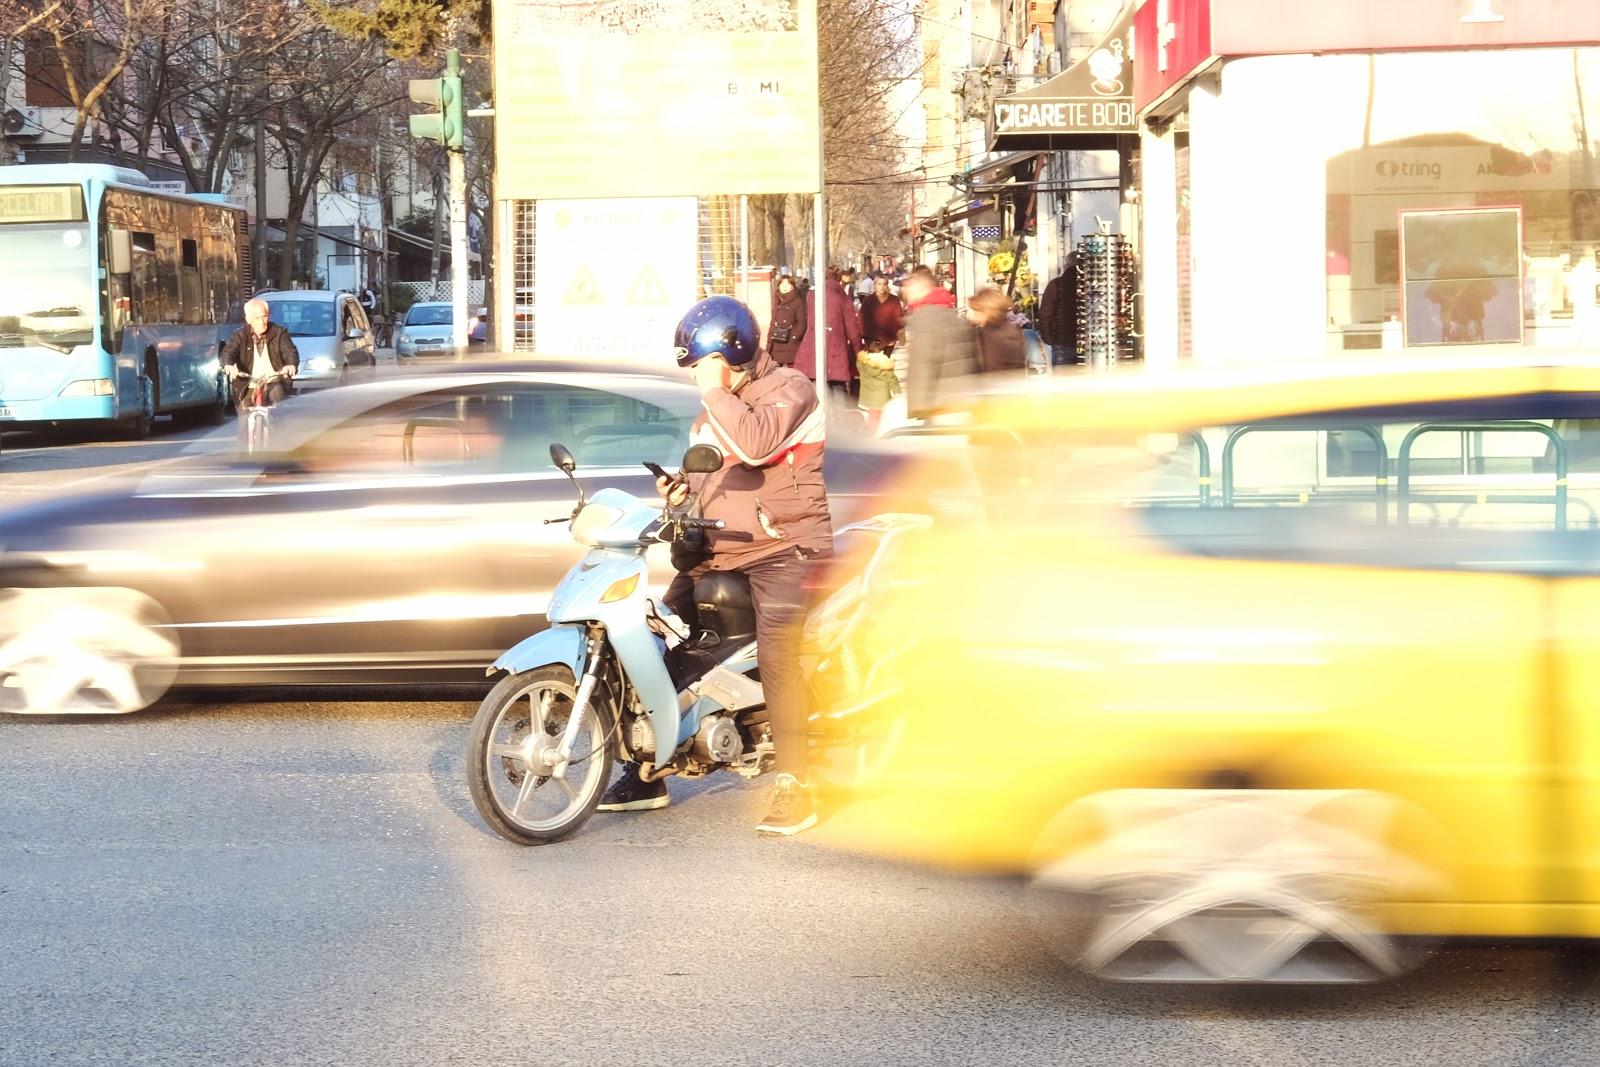 Car blur photo